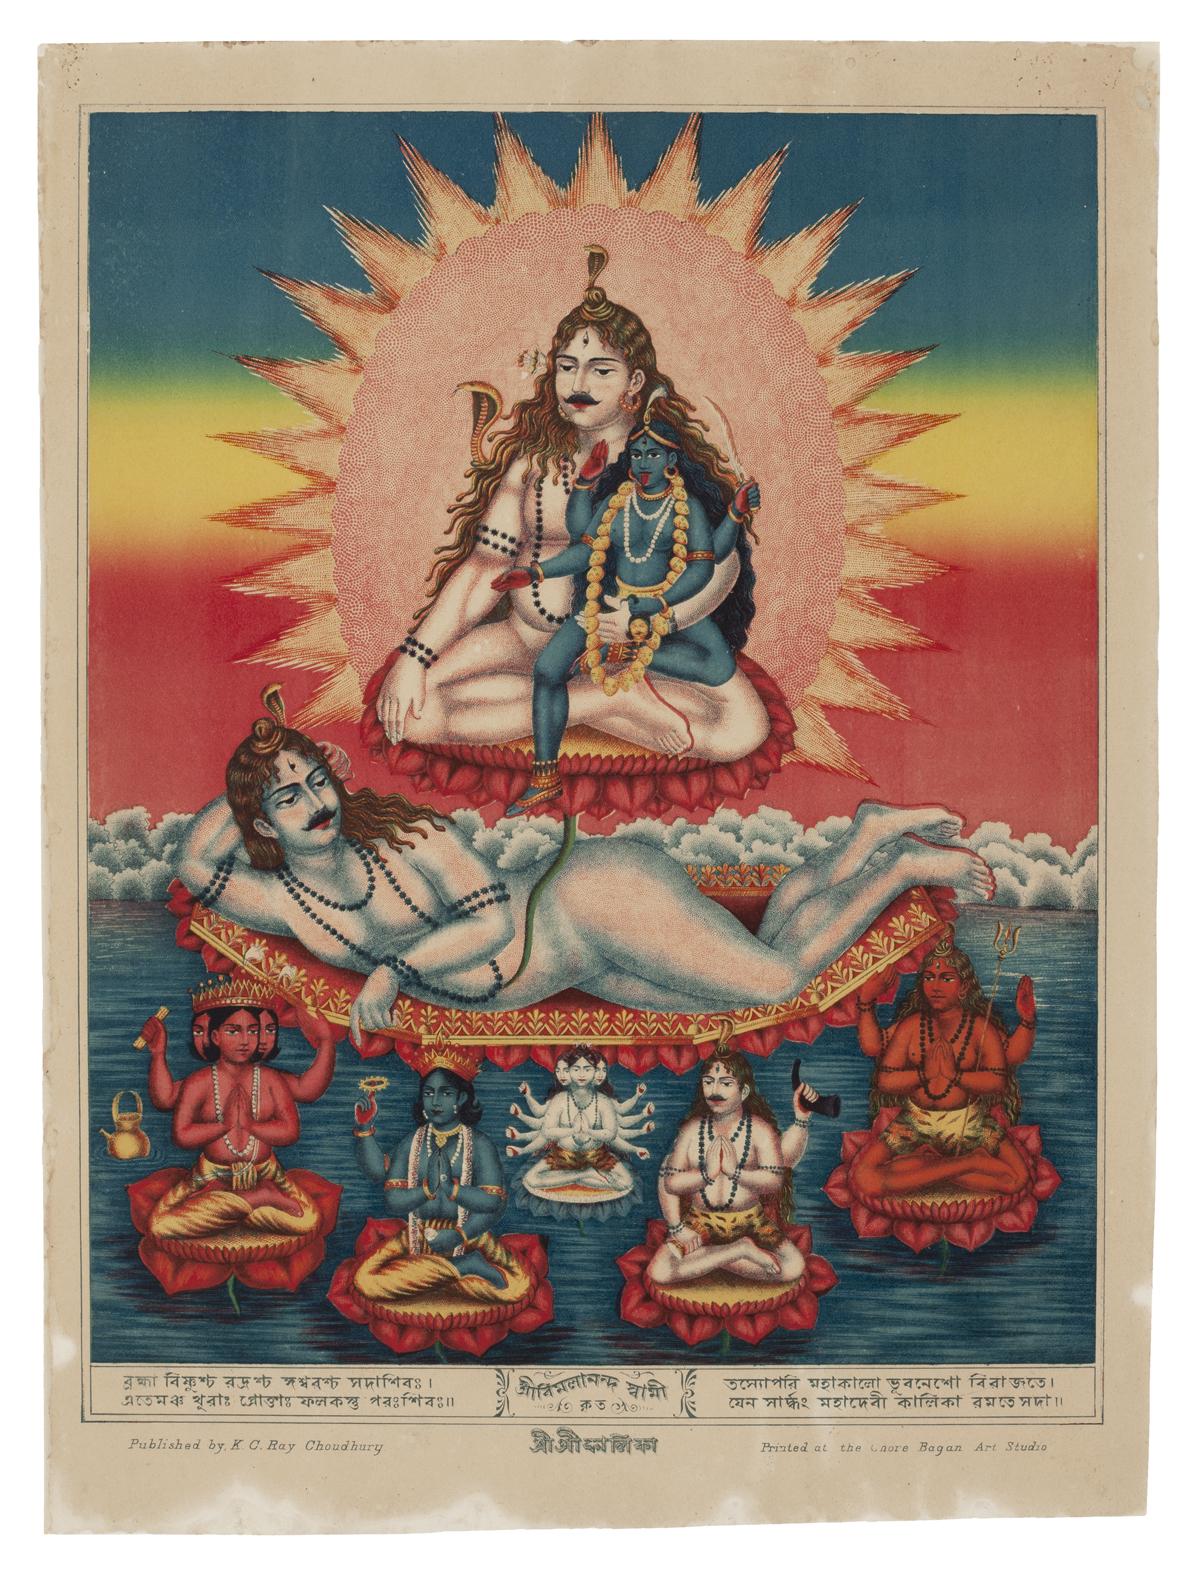 Shri Shri Kalika, c. 1890